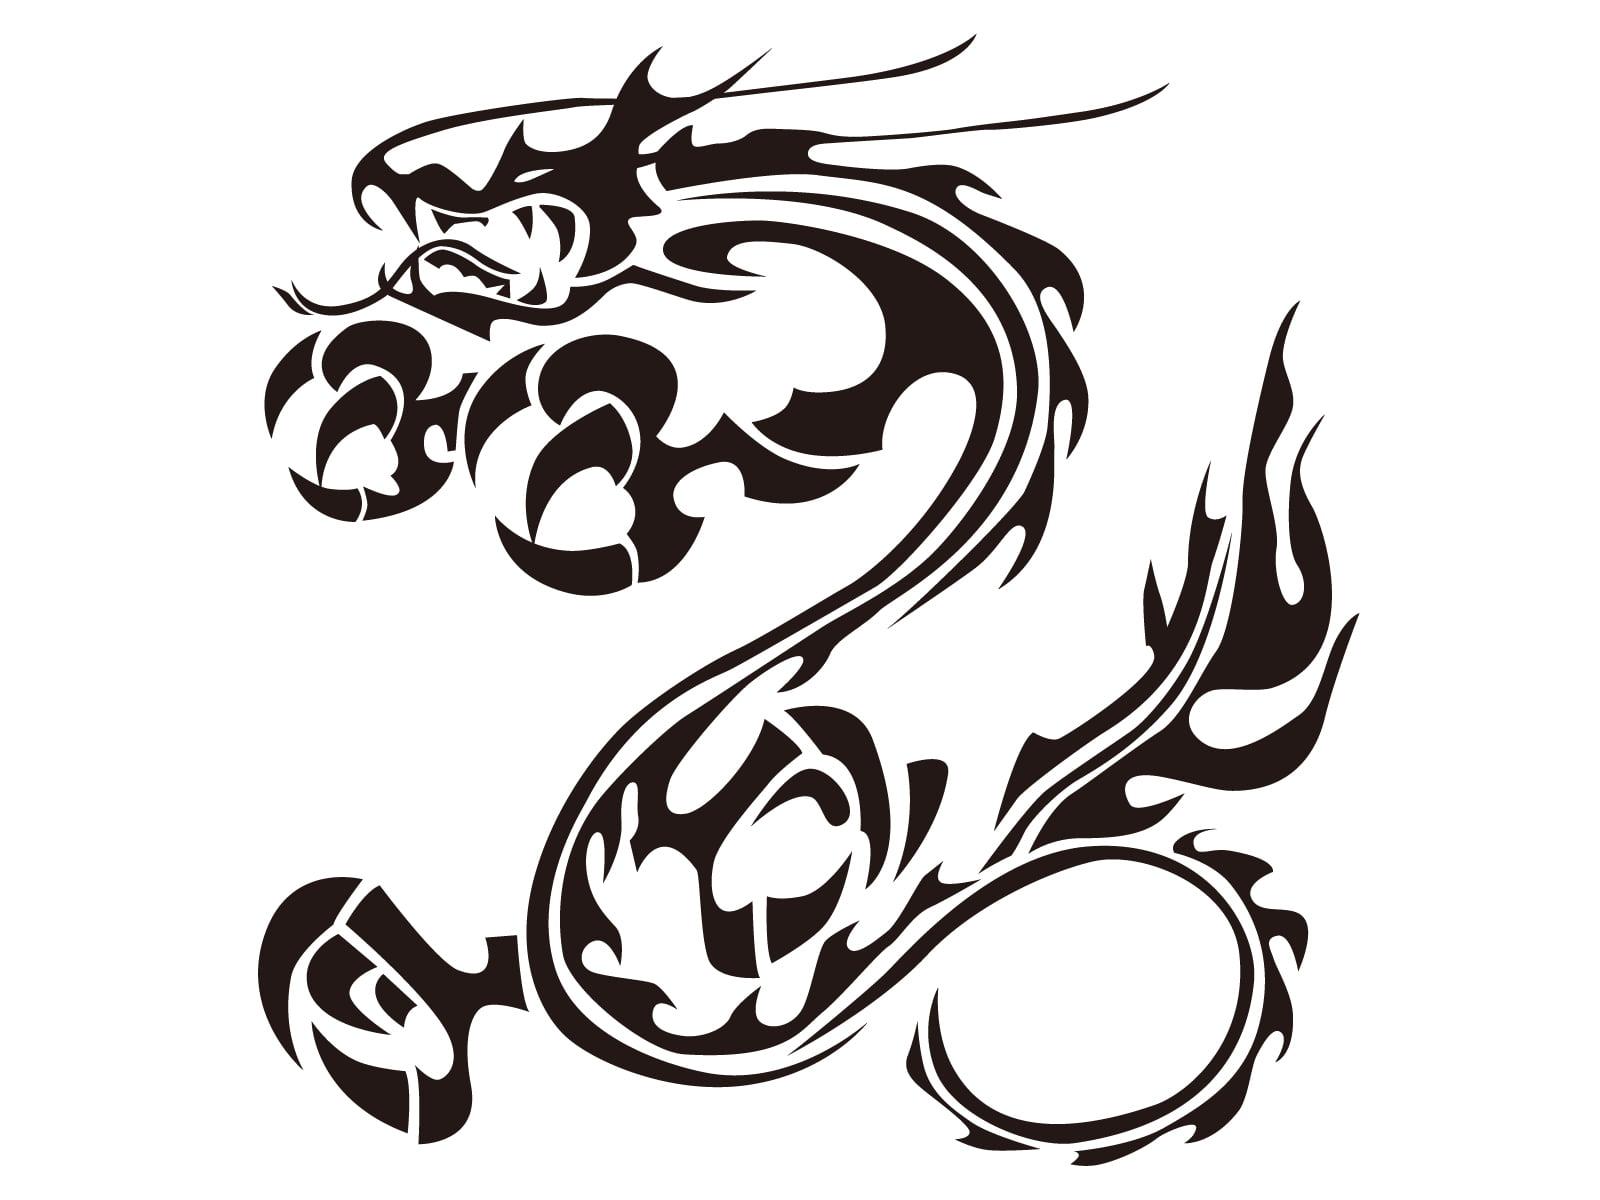 トライバルの龍のイラスト素材(011柄)